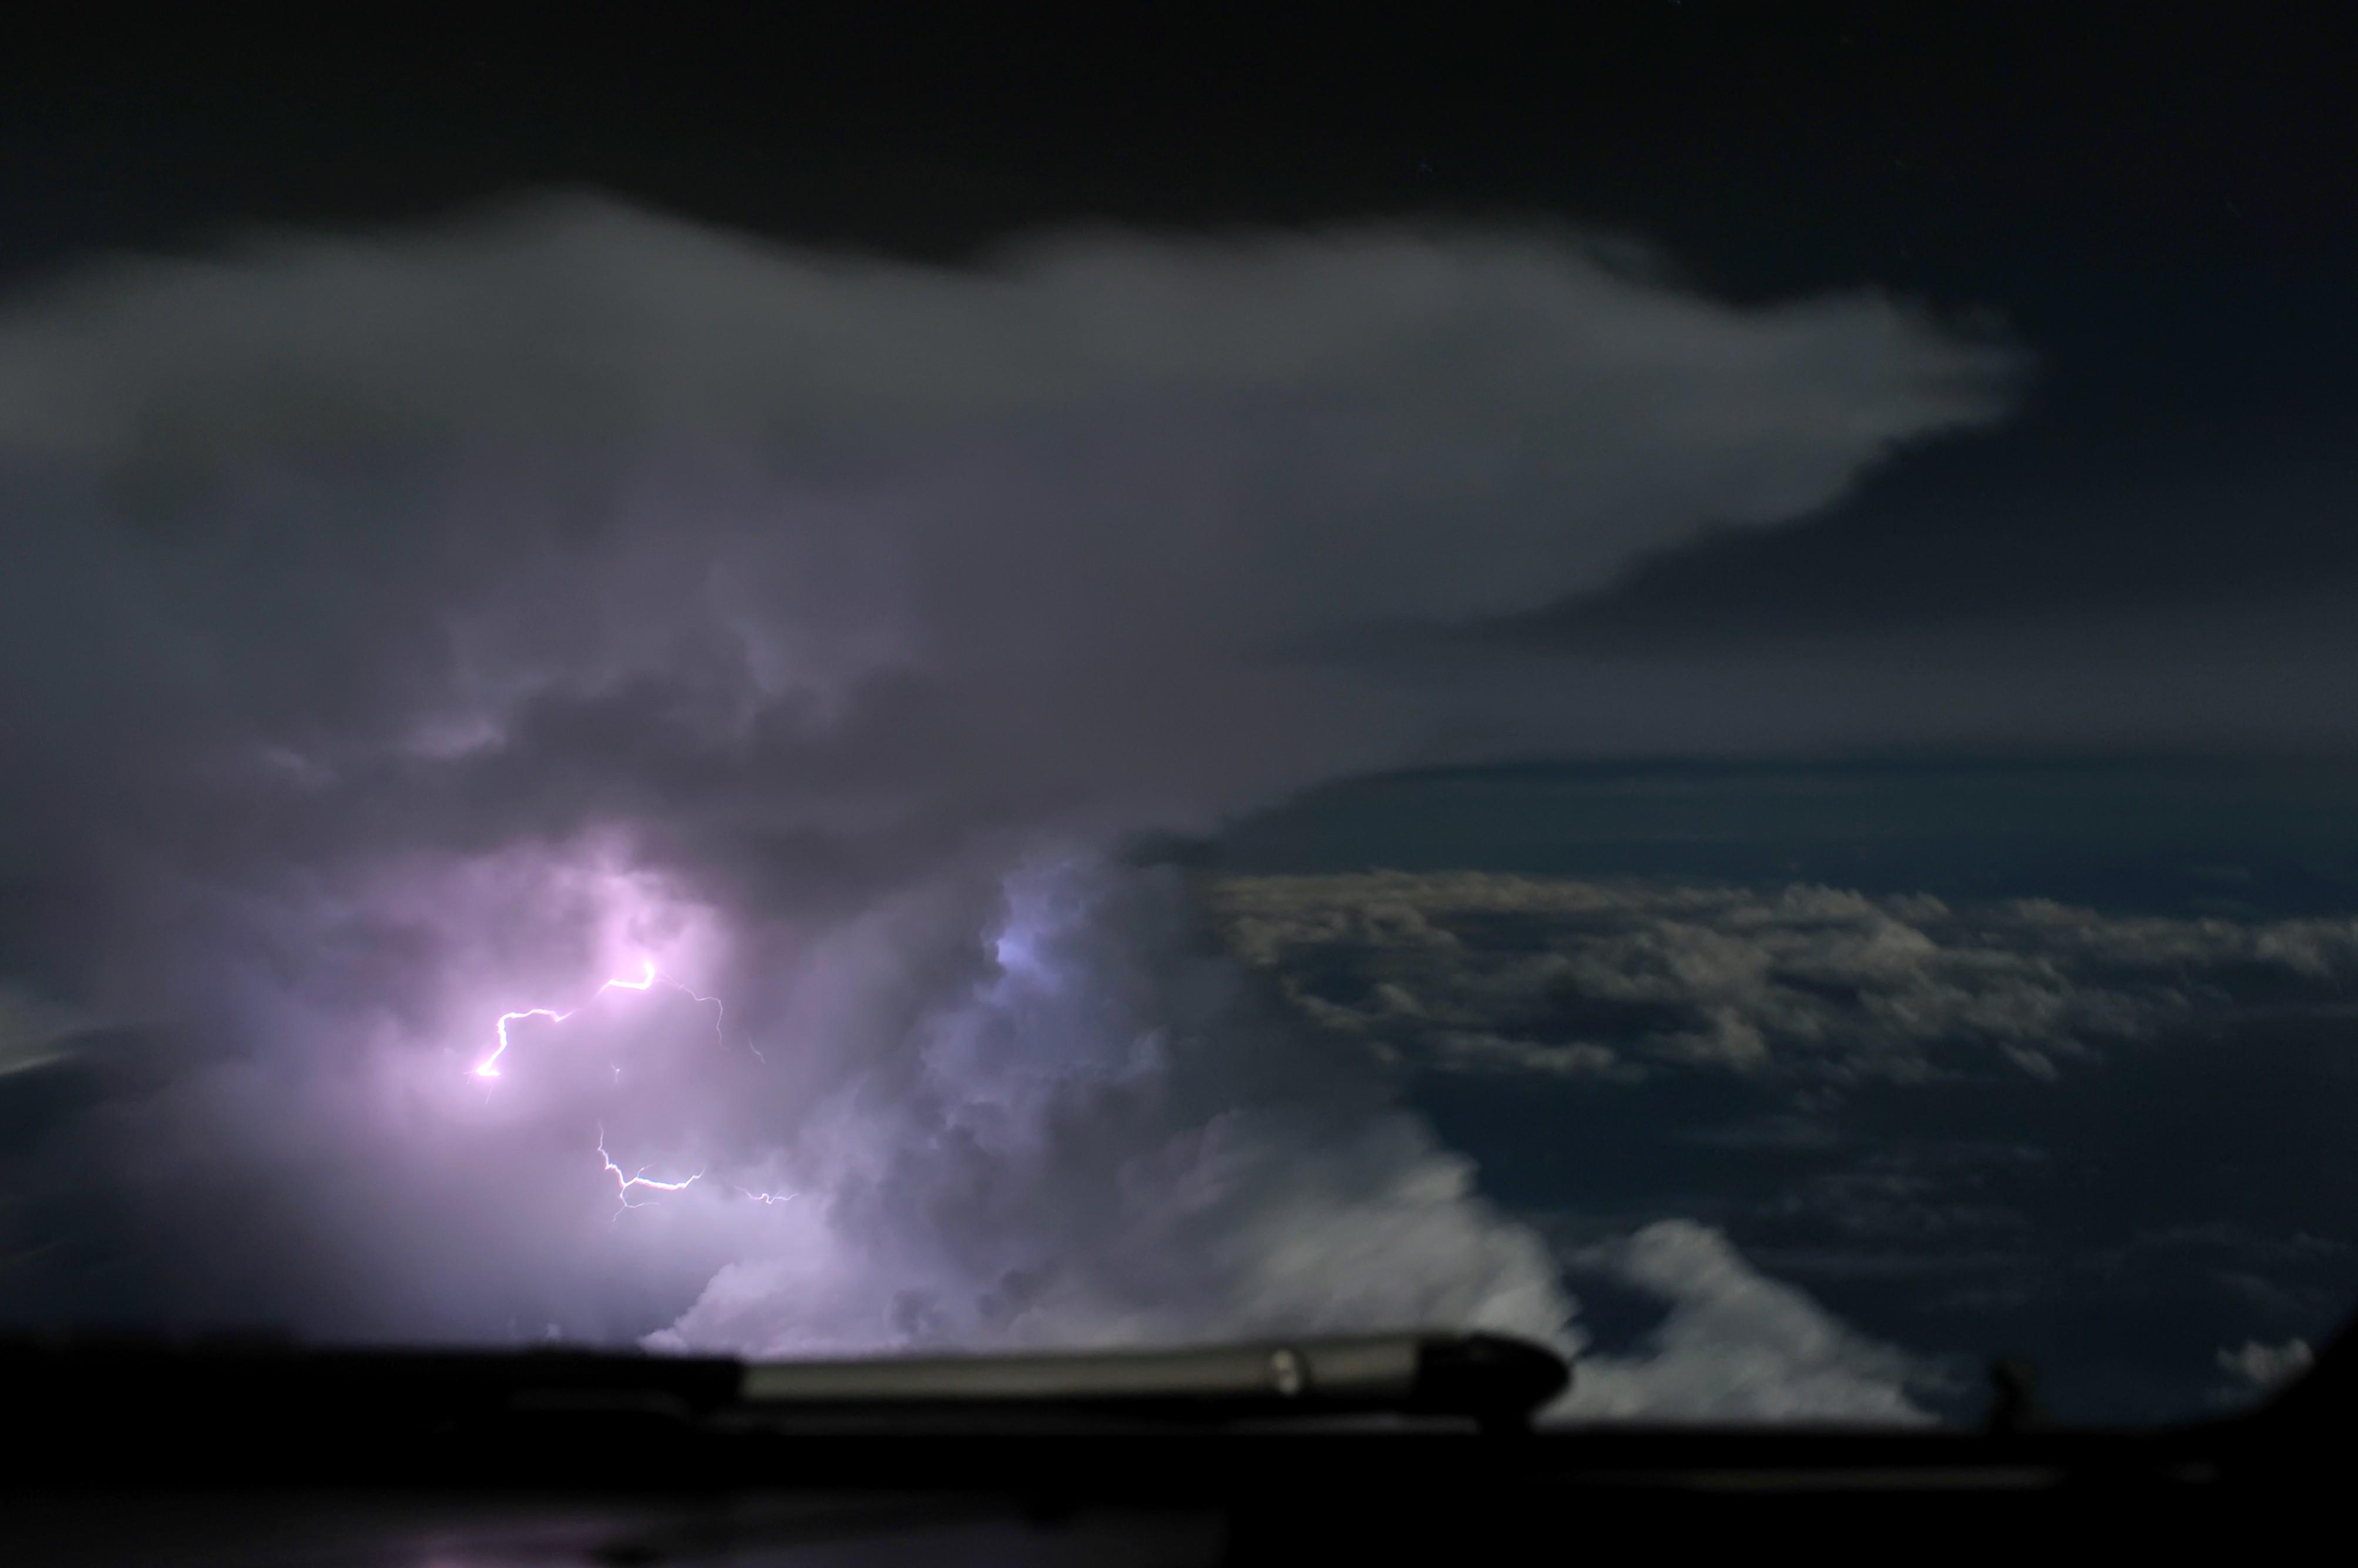 Hady Khandani, THUNDERCLOUD AND LIGHTNING (HADYPHOTO, Wolken, über den Wolken, Wolkendecke, Luftbild, Unwetter, Blitz und Donner, Elektrizität, Fotokunst Wunschgröße, Wohnzimmer, Treppenhaus, schwarz/weiß)